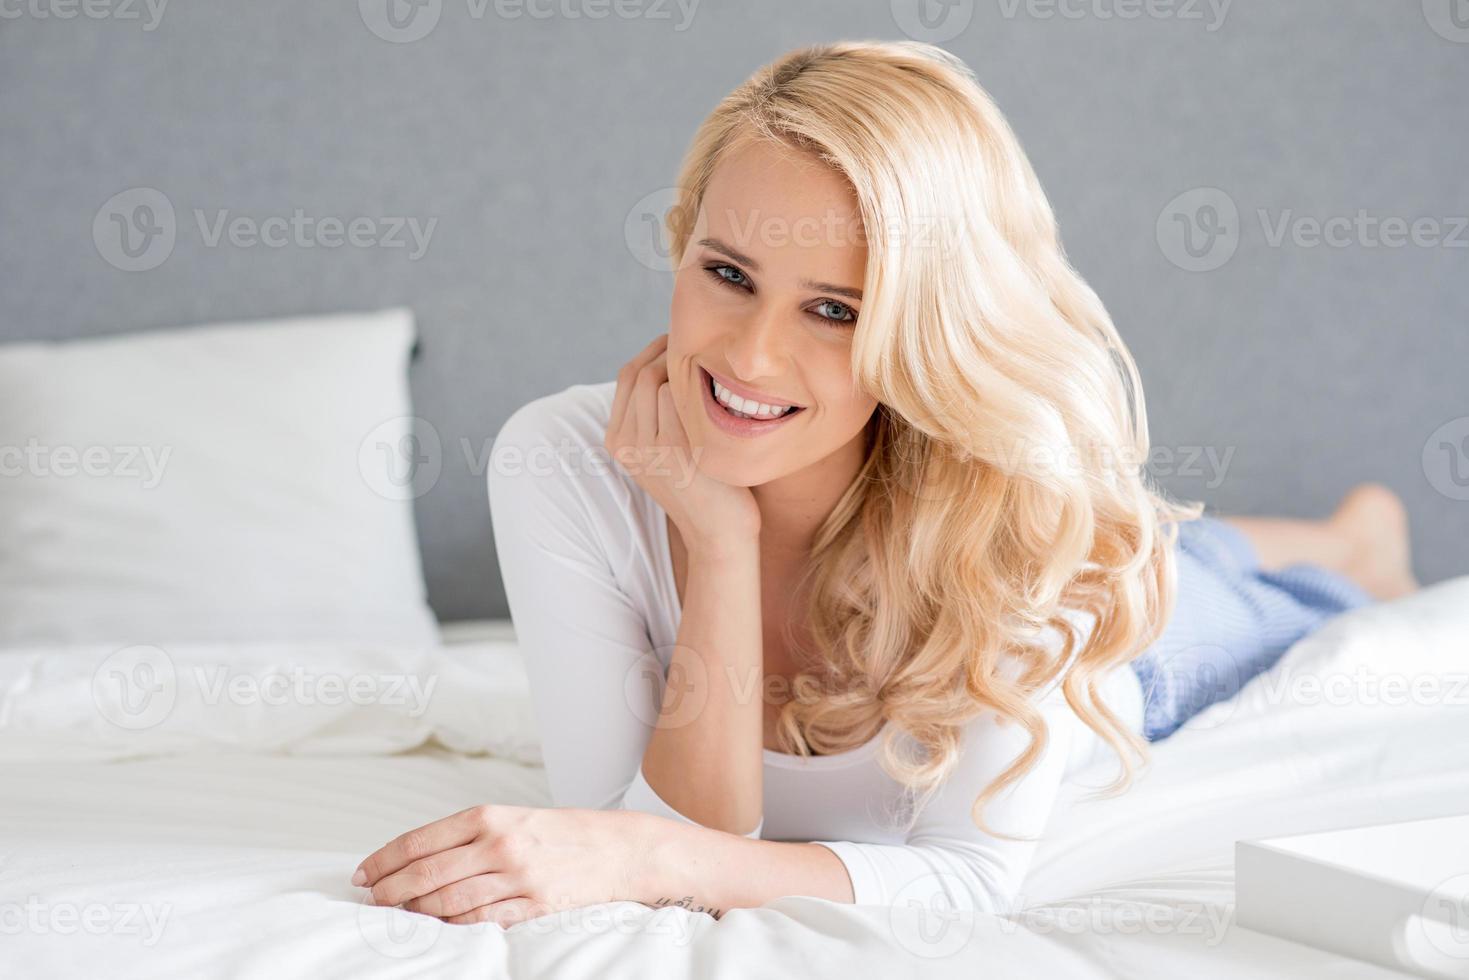 hermosa mujer rubia acostada en su cama foto